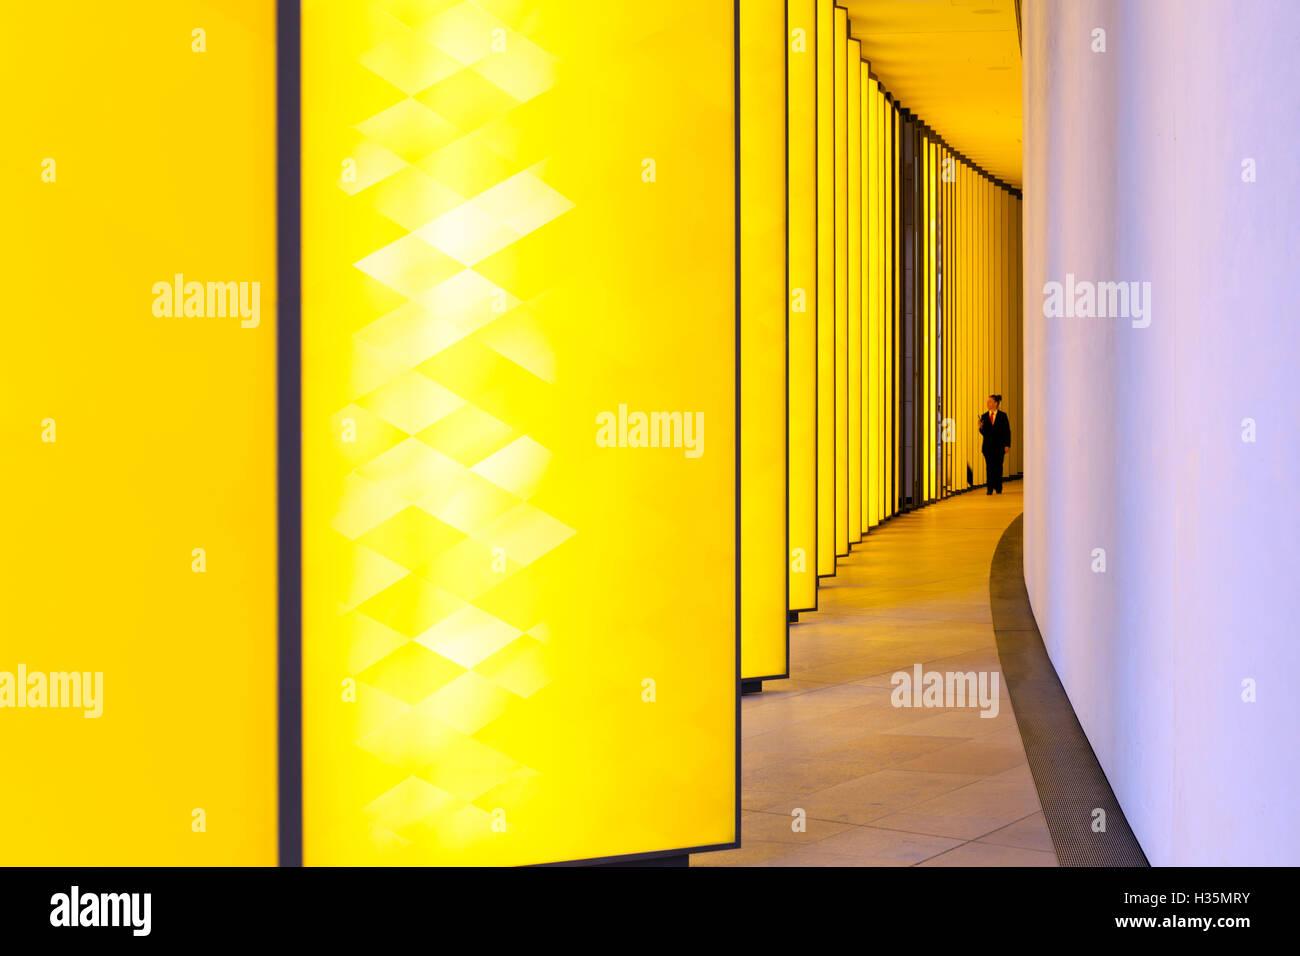 The Fondation Louis Vuitton, Bois de Boulogne, Paris, France. Art ...